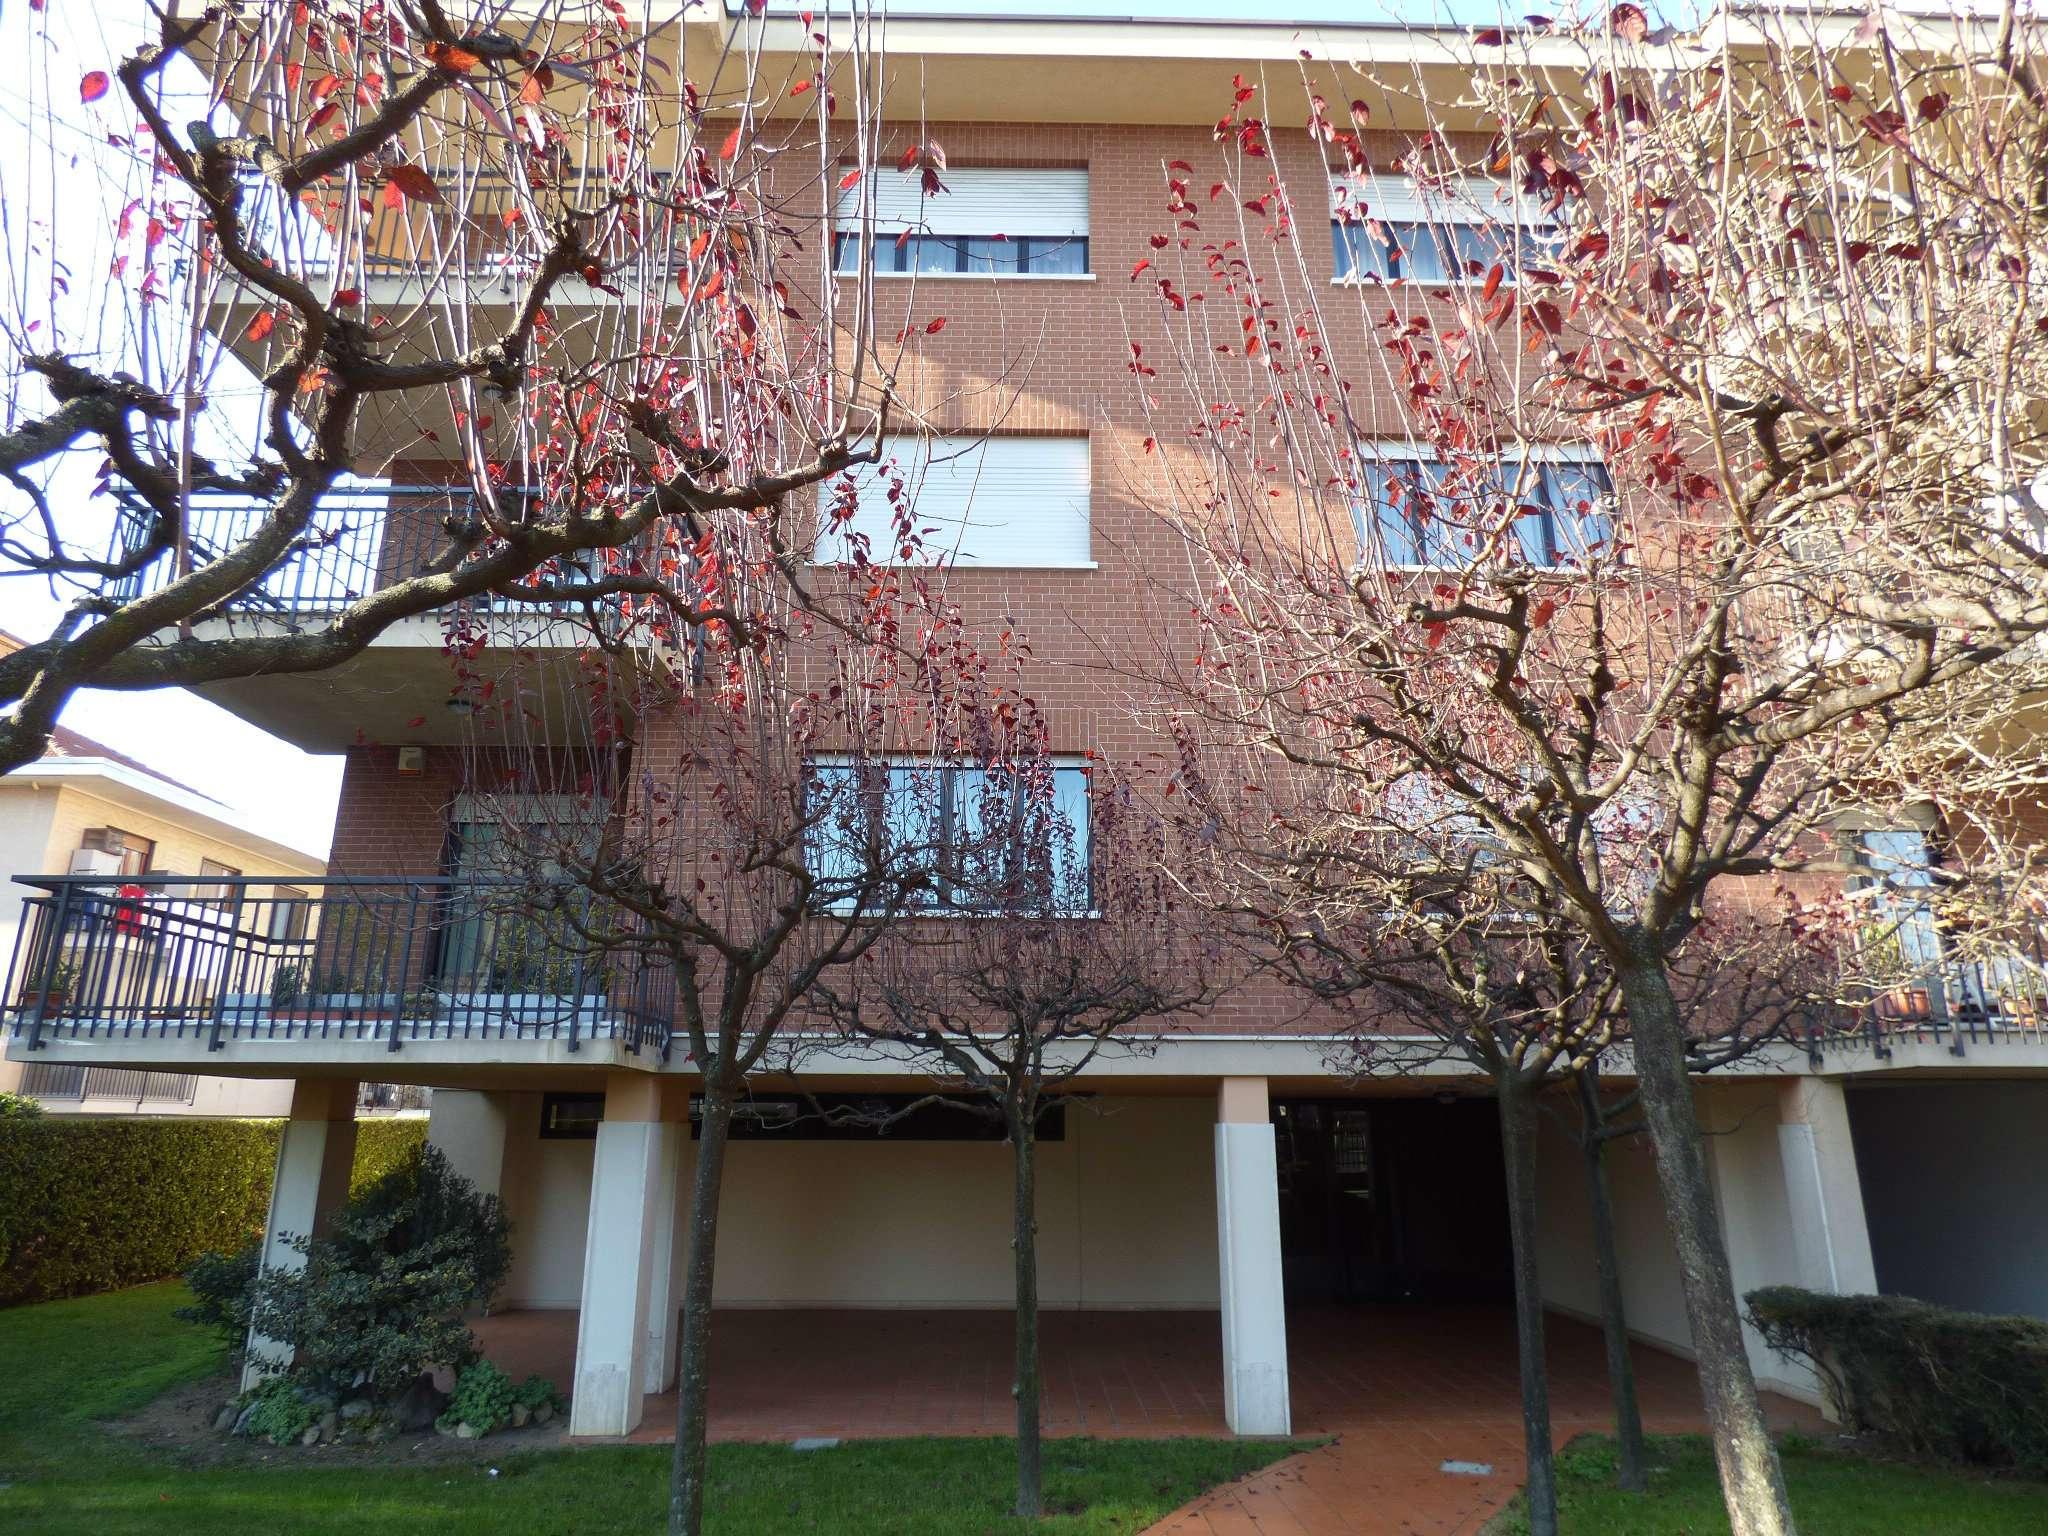 Casa collegno appartamenti e case in affitto for Affitto collegno arredato